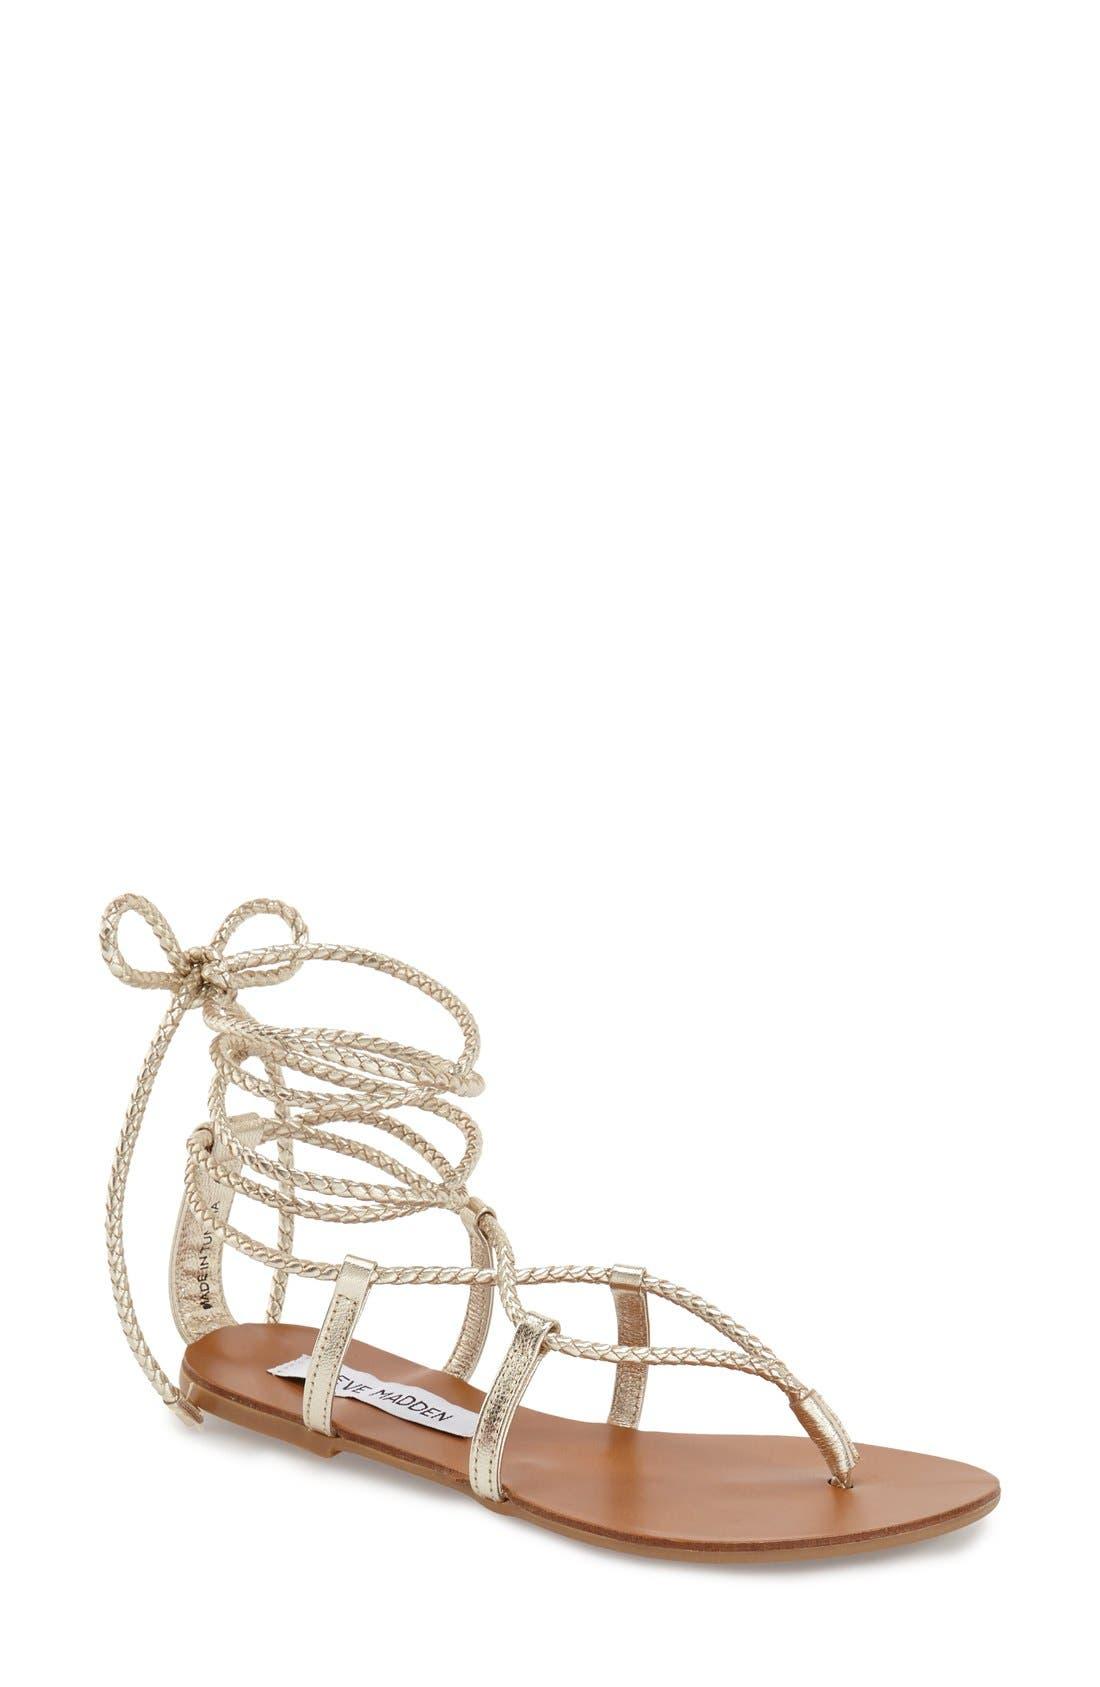 Main Image - Steve Madden 'Werkit' Gladiator Sandal (Women)